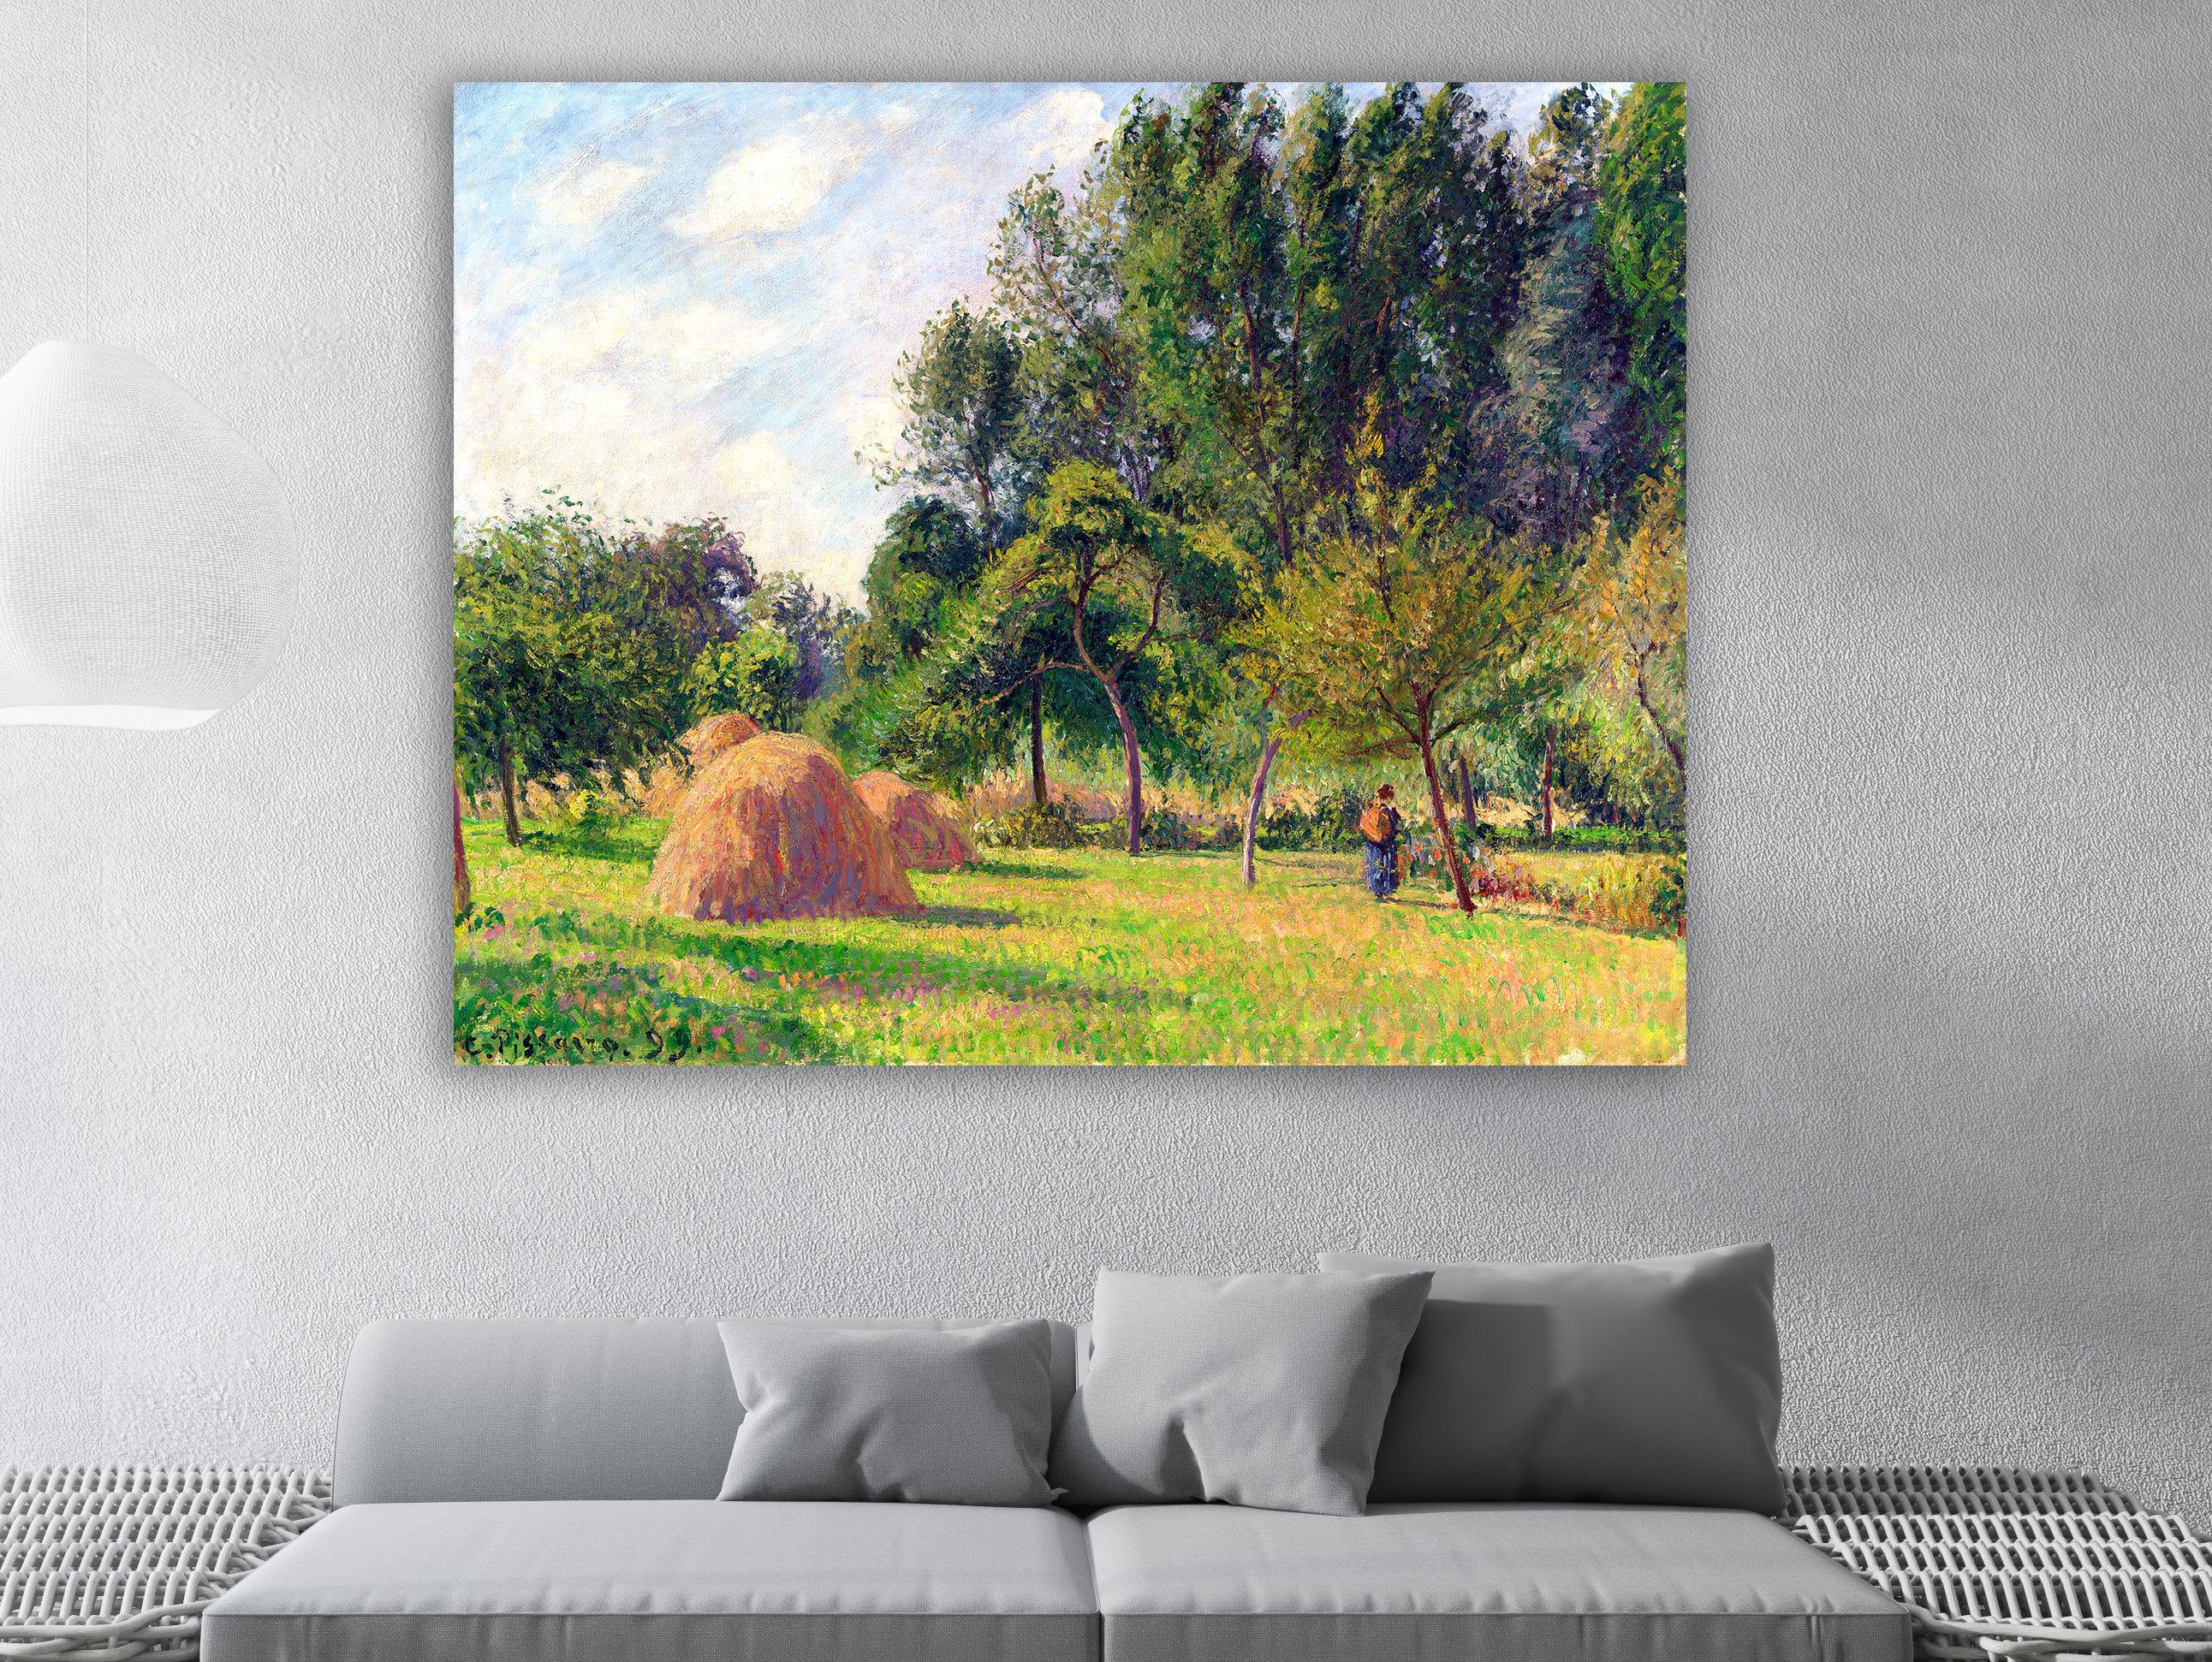 Camille Pissarro - Heuhaufen am Morgen Eragny in Frankreich